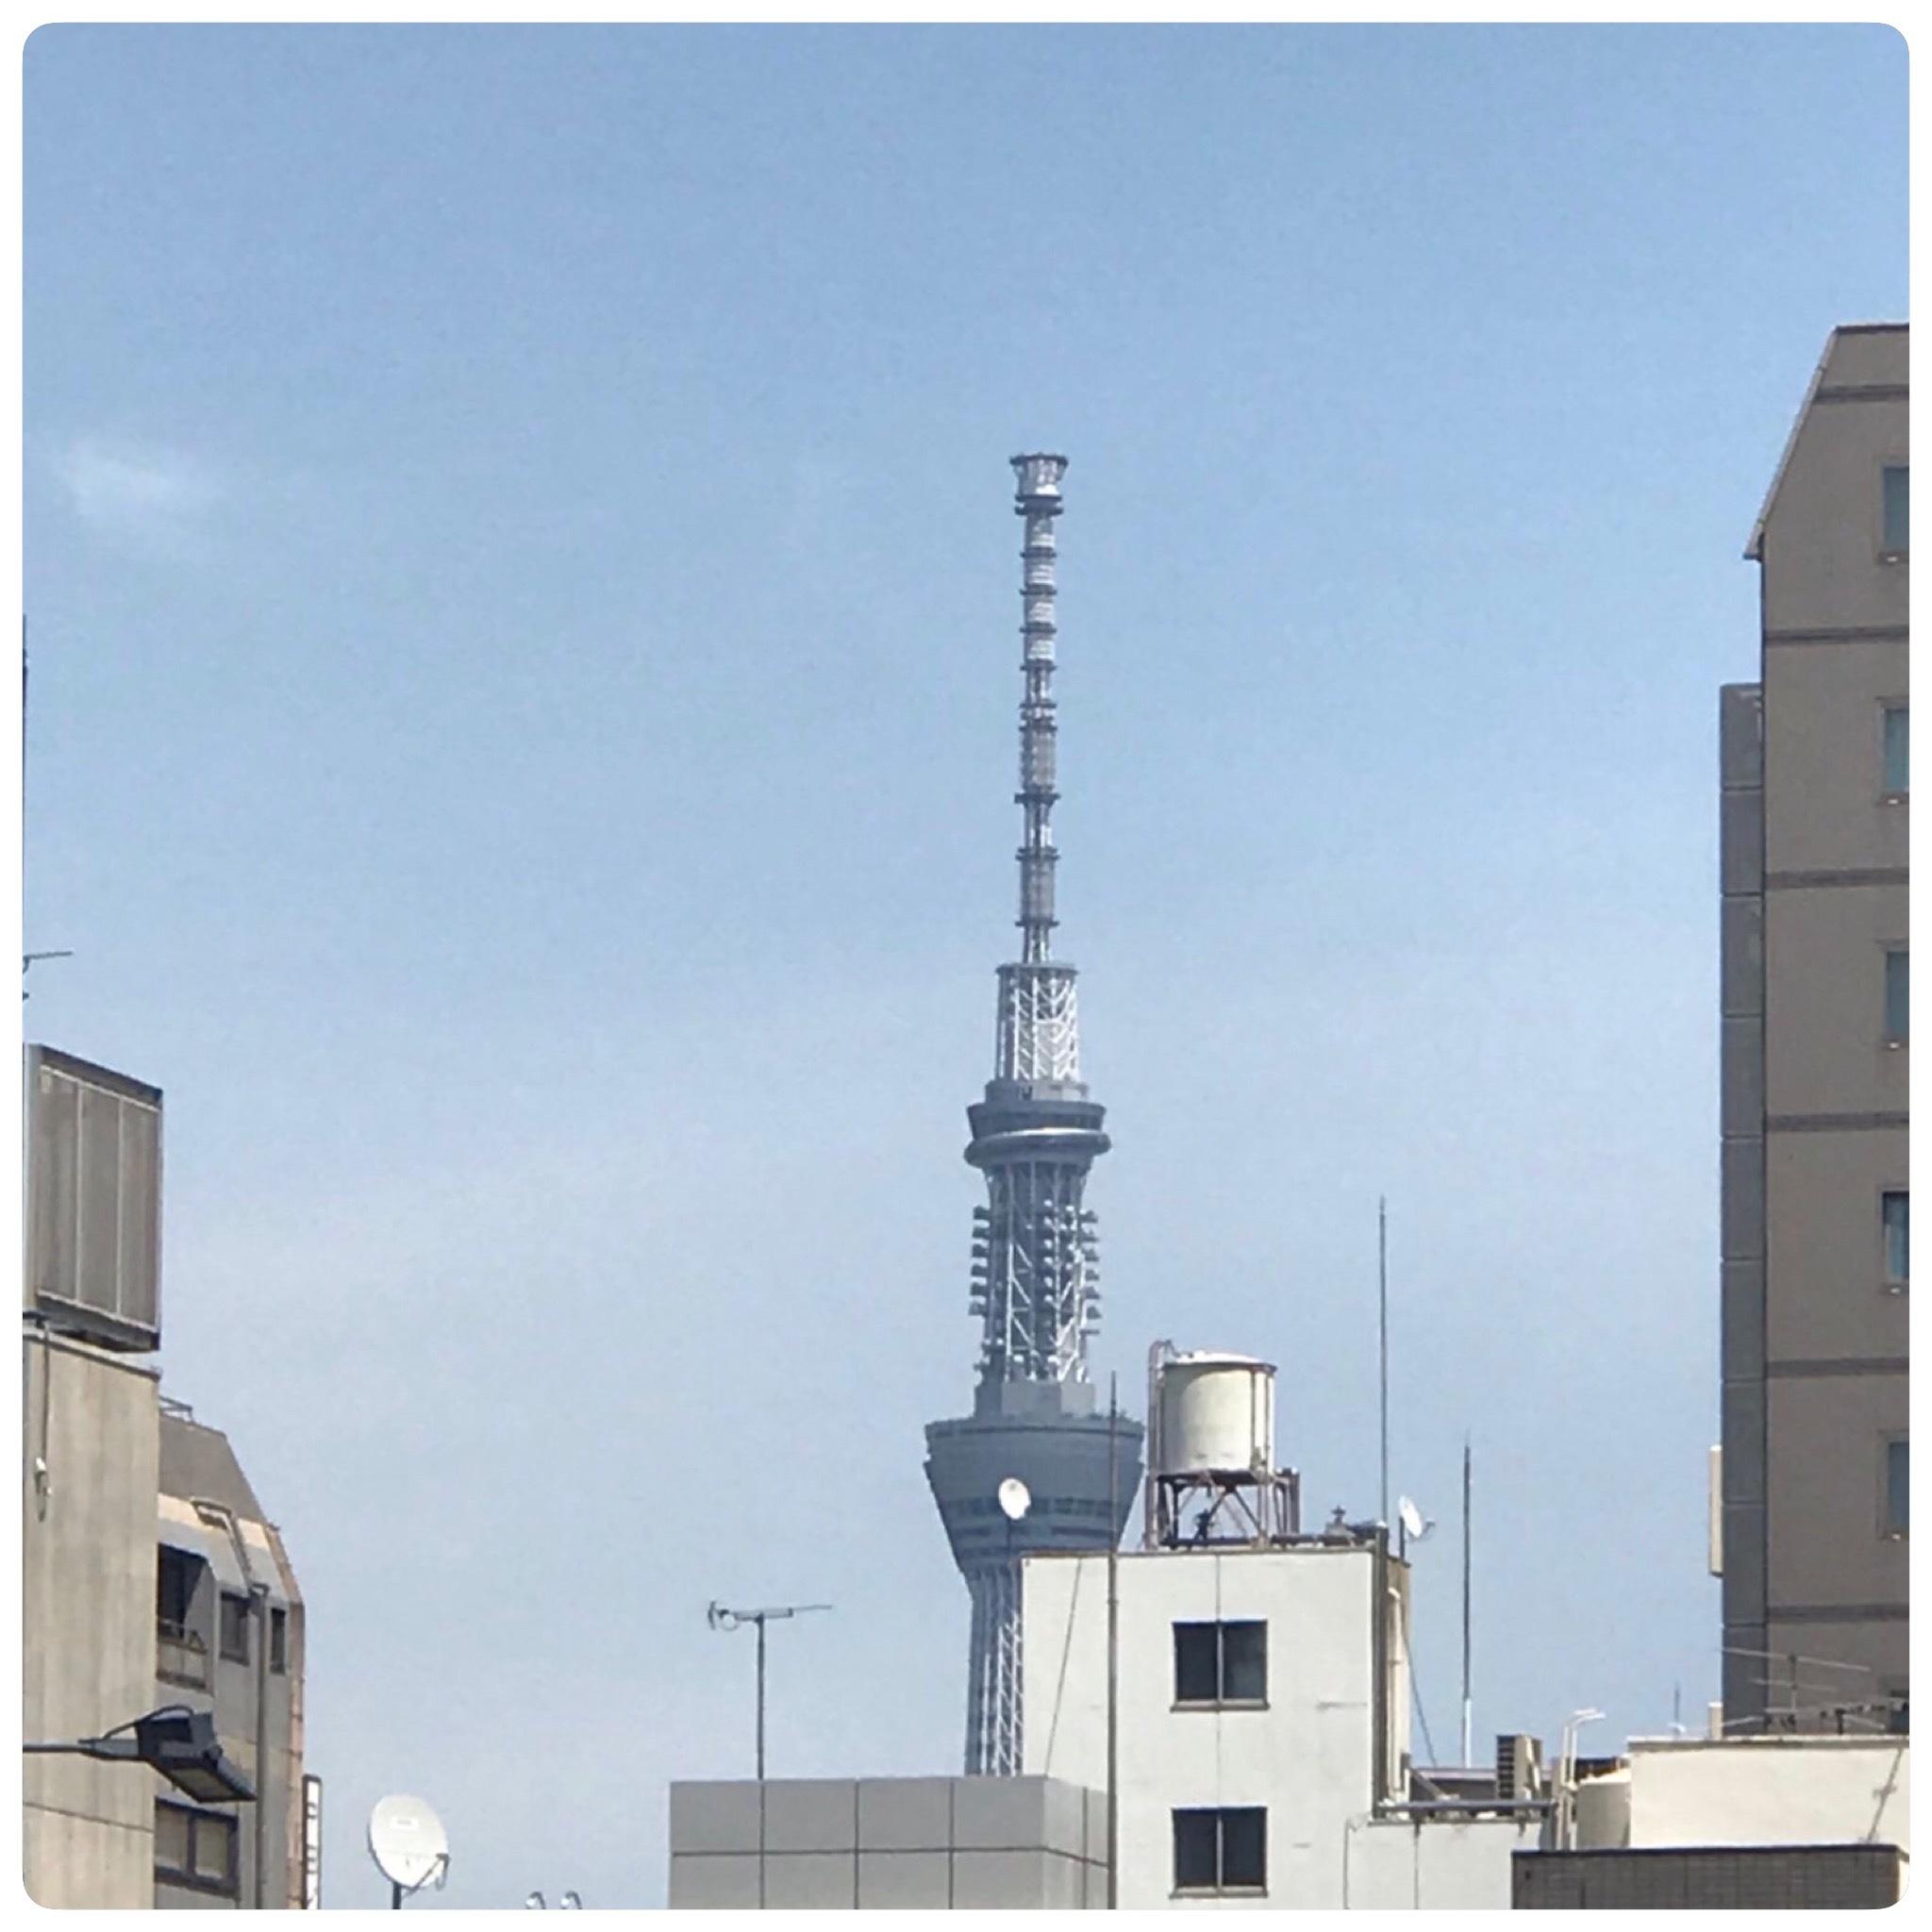 上野・御徒町のボディピアッシングスタジオEL BODY PIERCING (エルボディピアッシング)